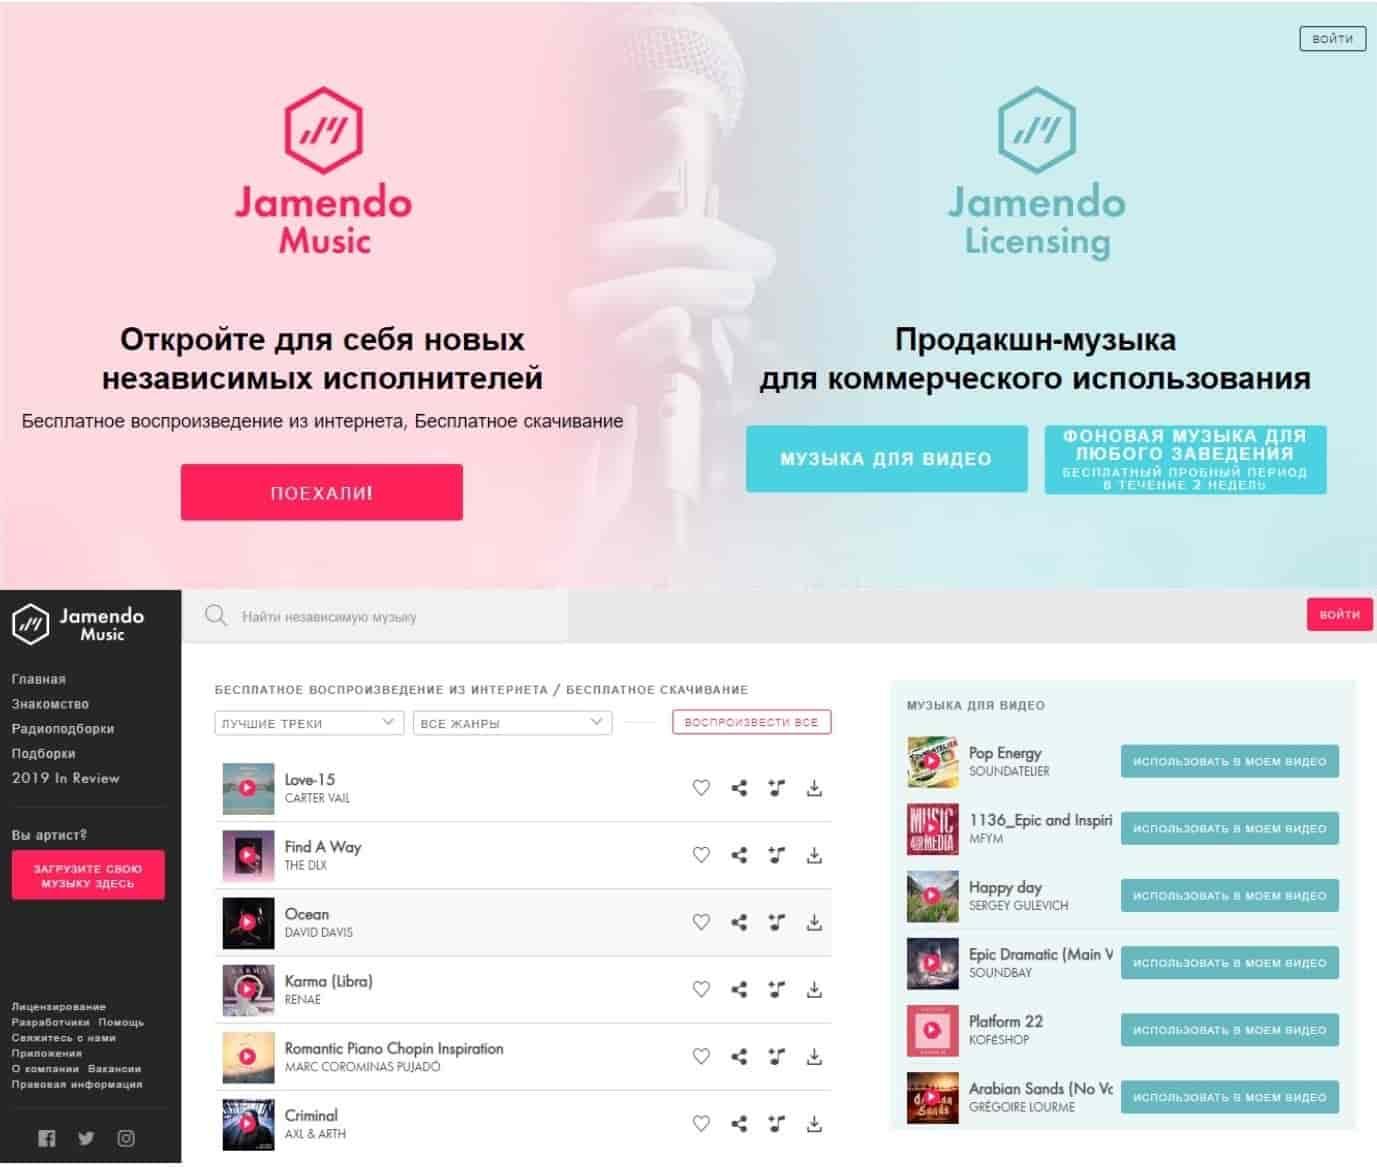 сайт с музыкой без авторских прав